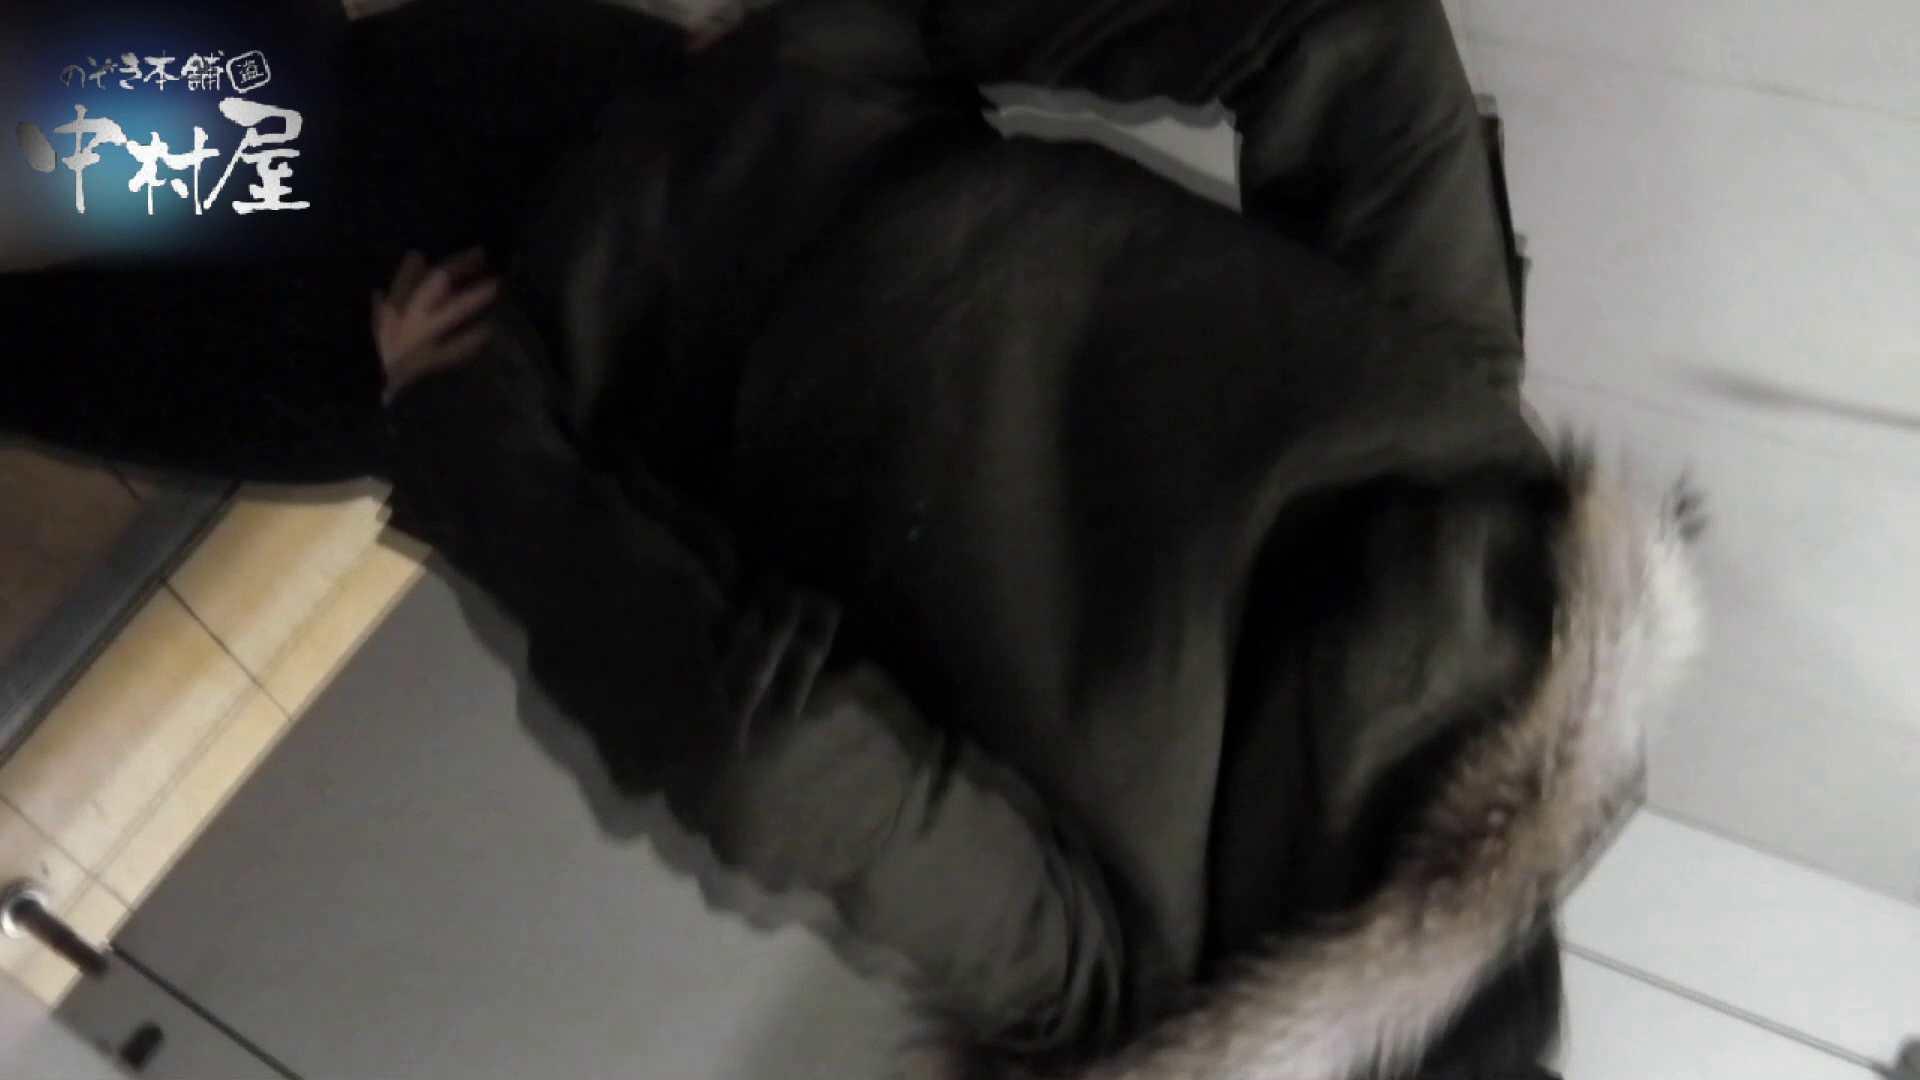 乙女集まる!ショッピングモール潜入撮vol.09 和式トイレ おまんこ無修正動画無料 87pic 65